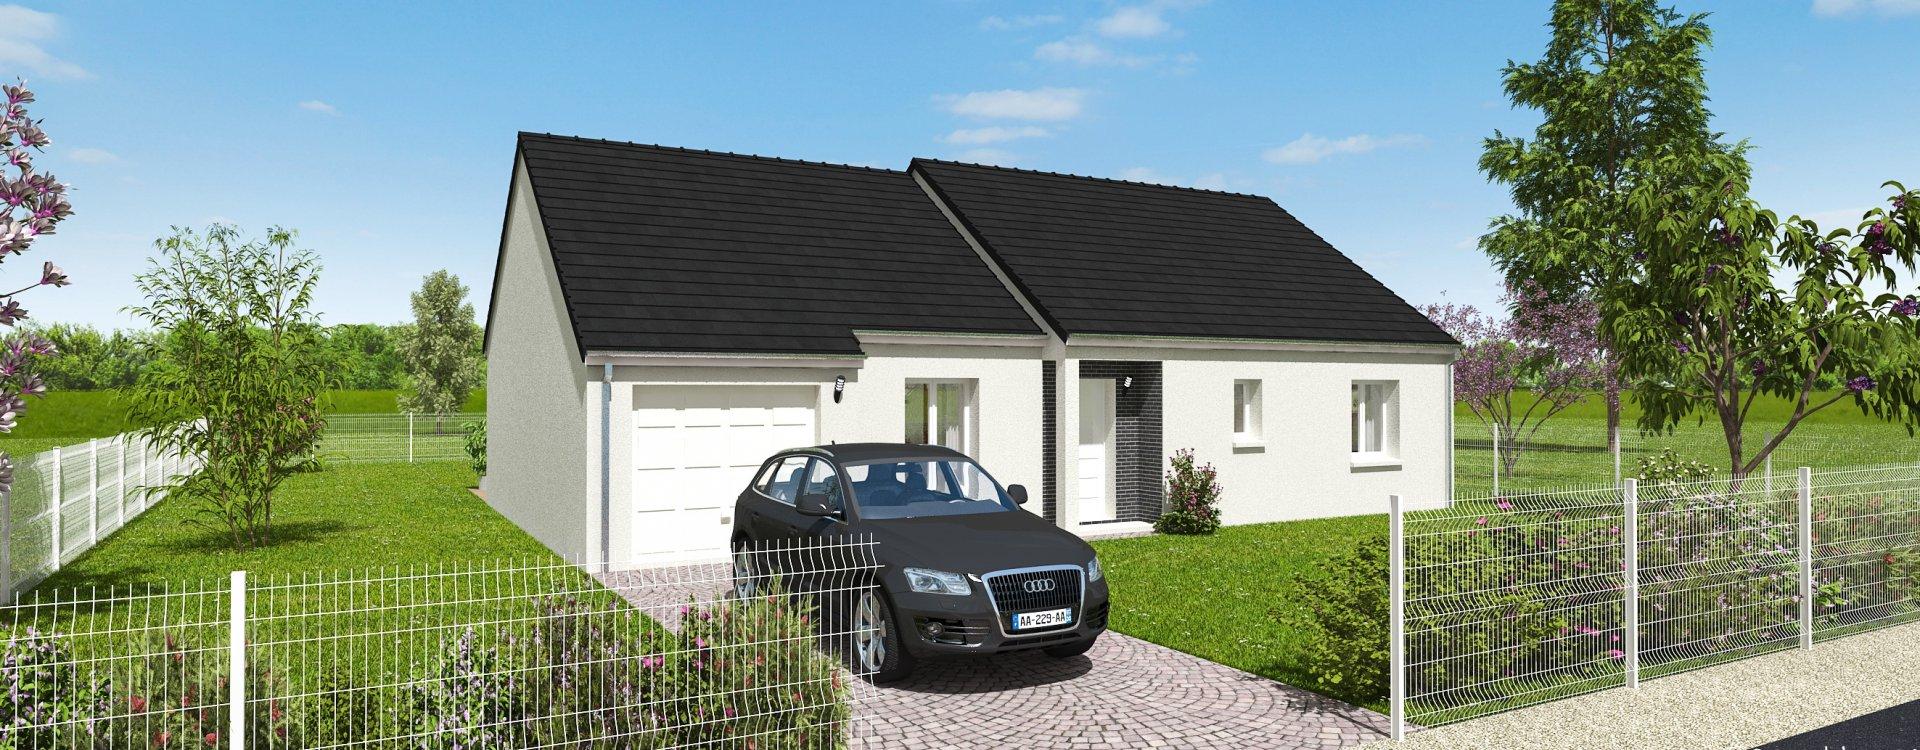 Maisons + Terrains du constructeur EASY HOUSE • 101 m² • VENNECY